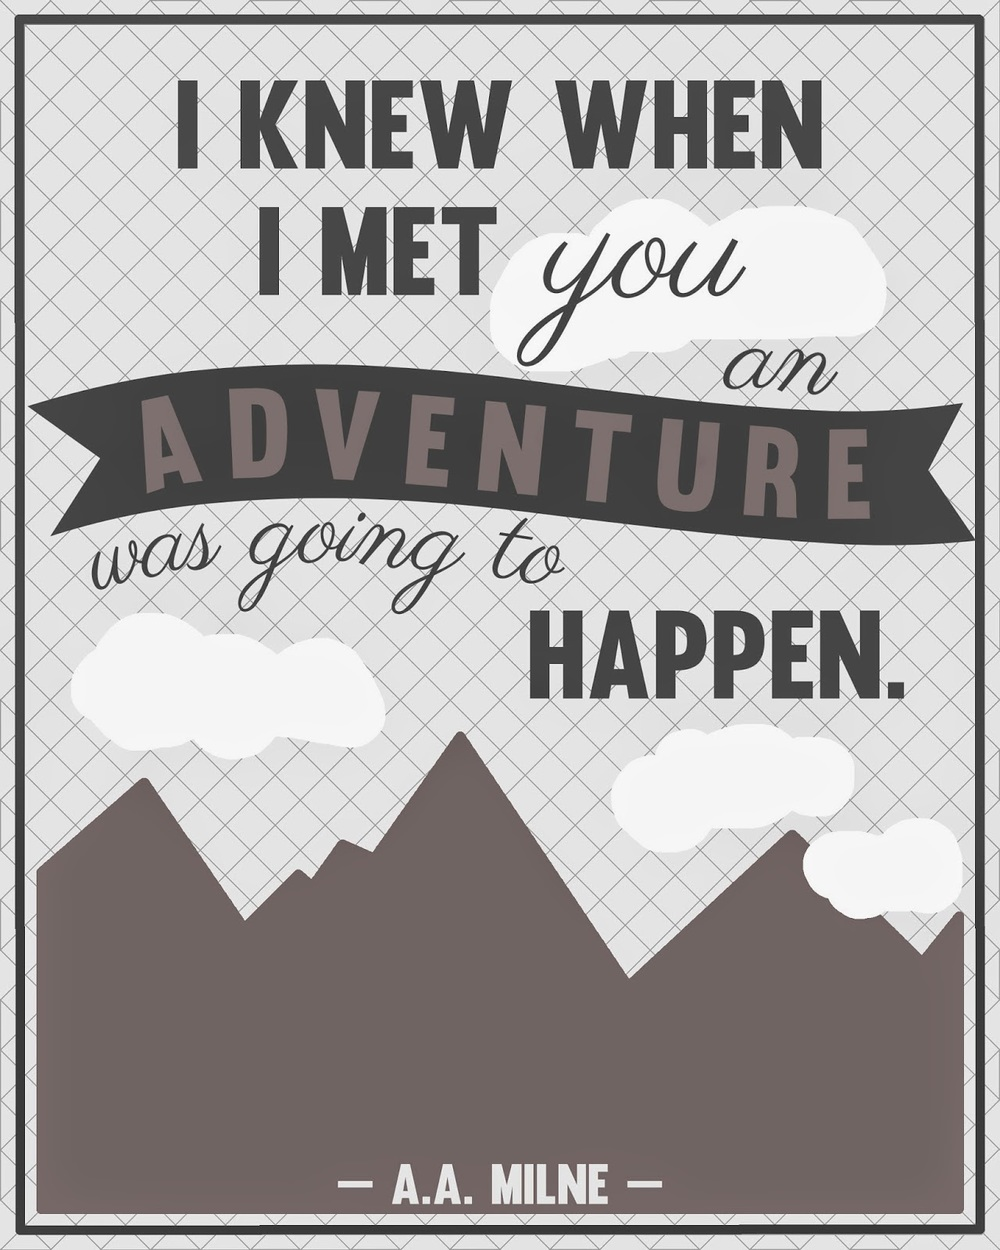 adventures+going+to+happen.jpg